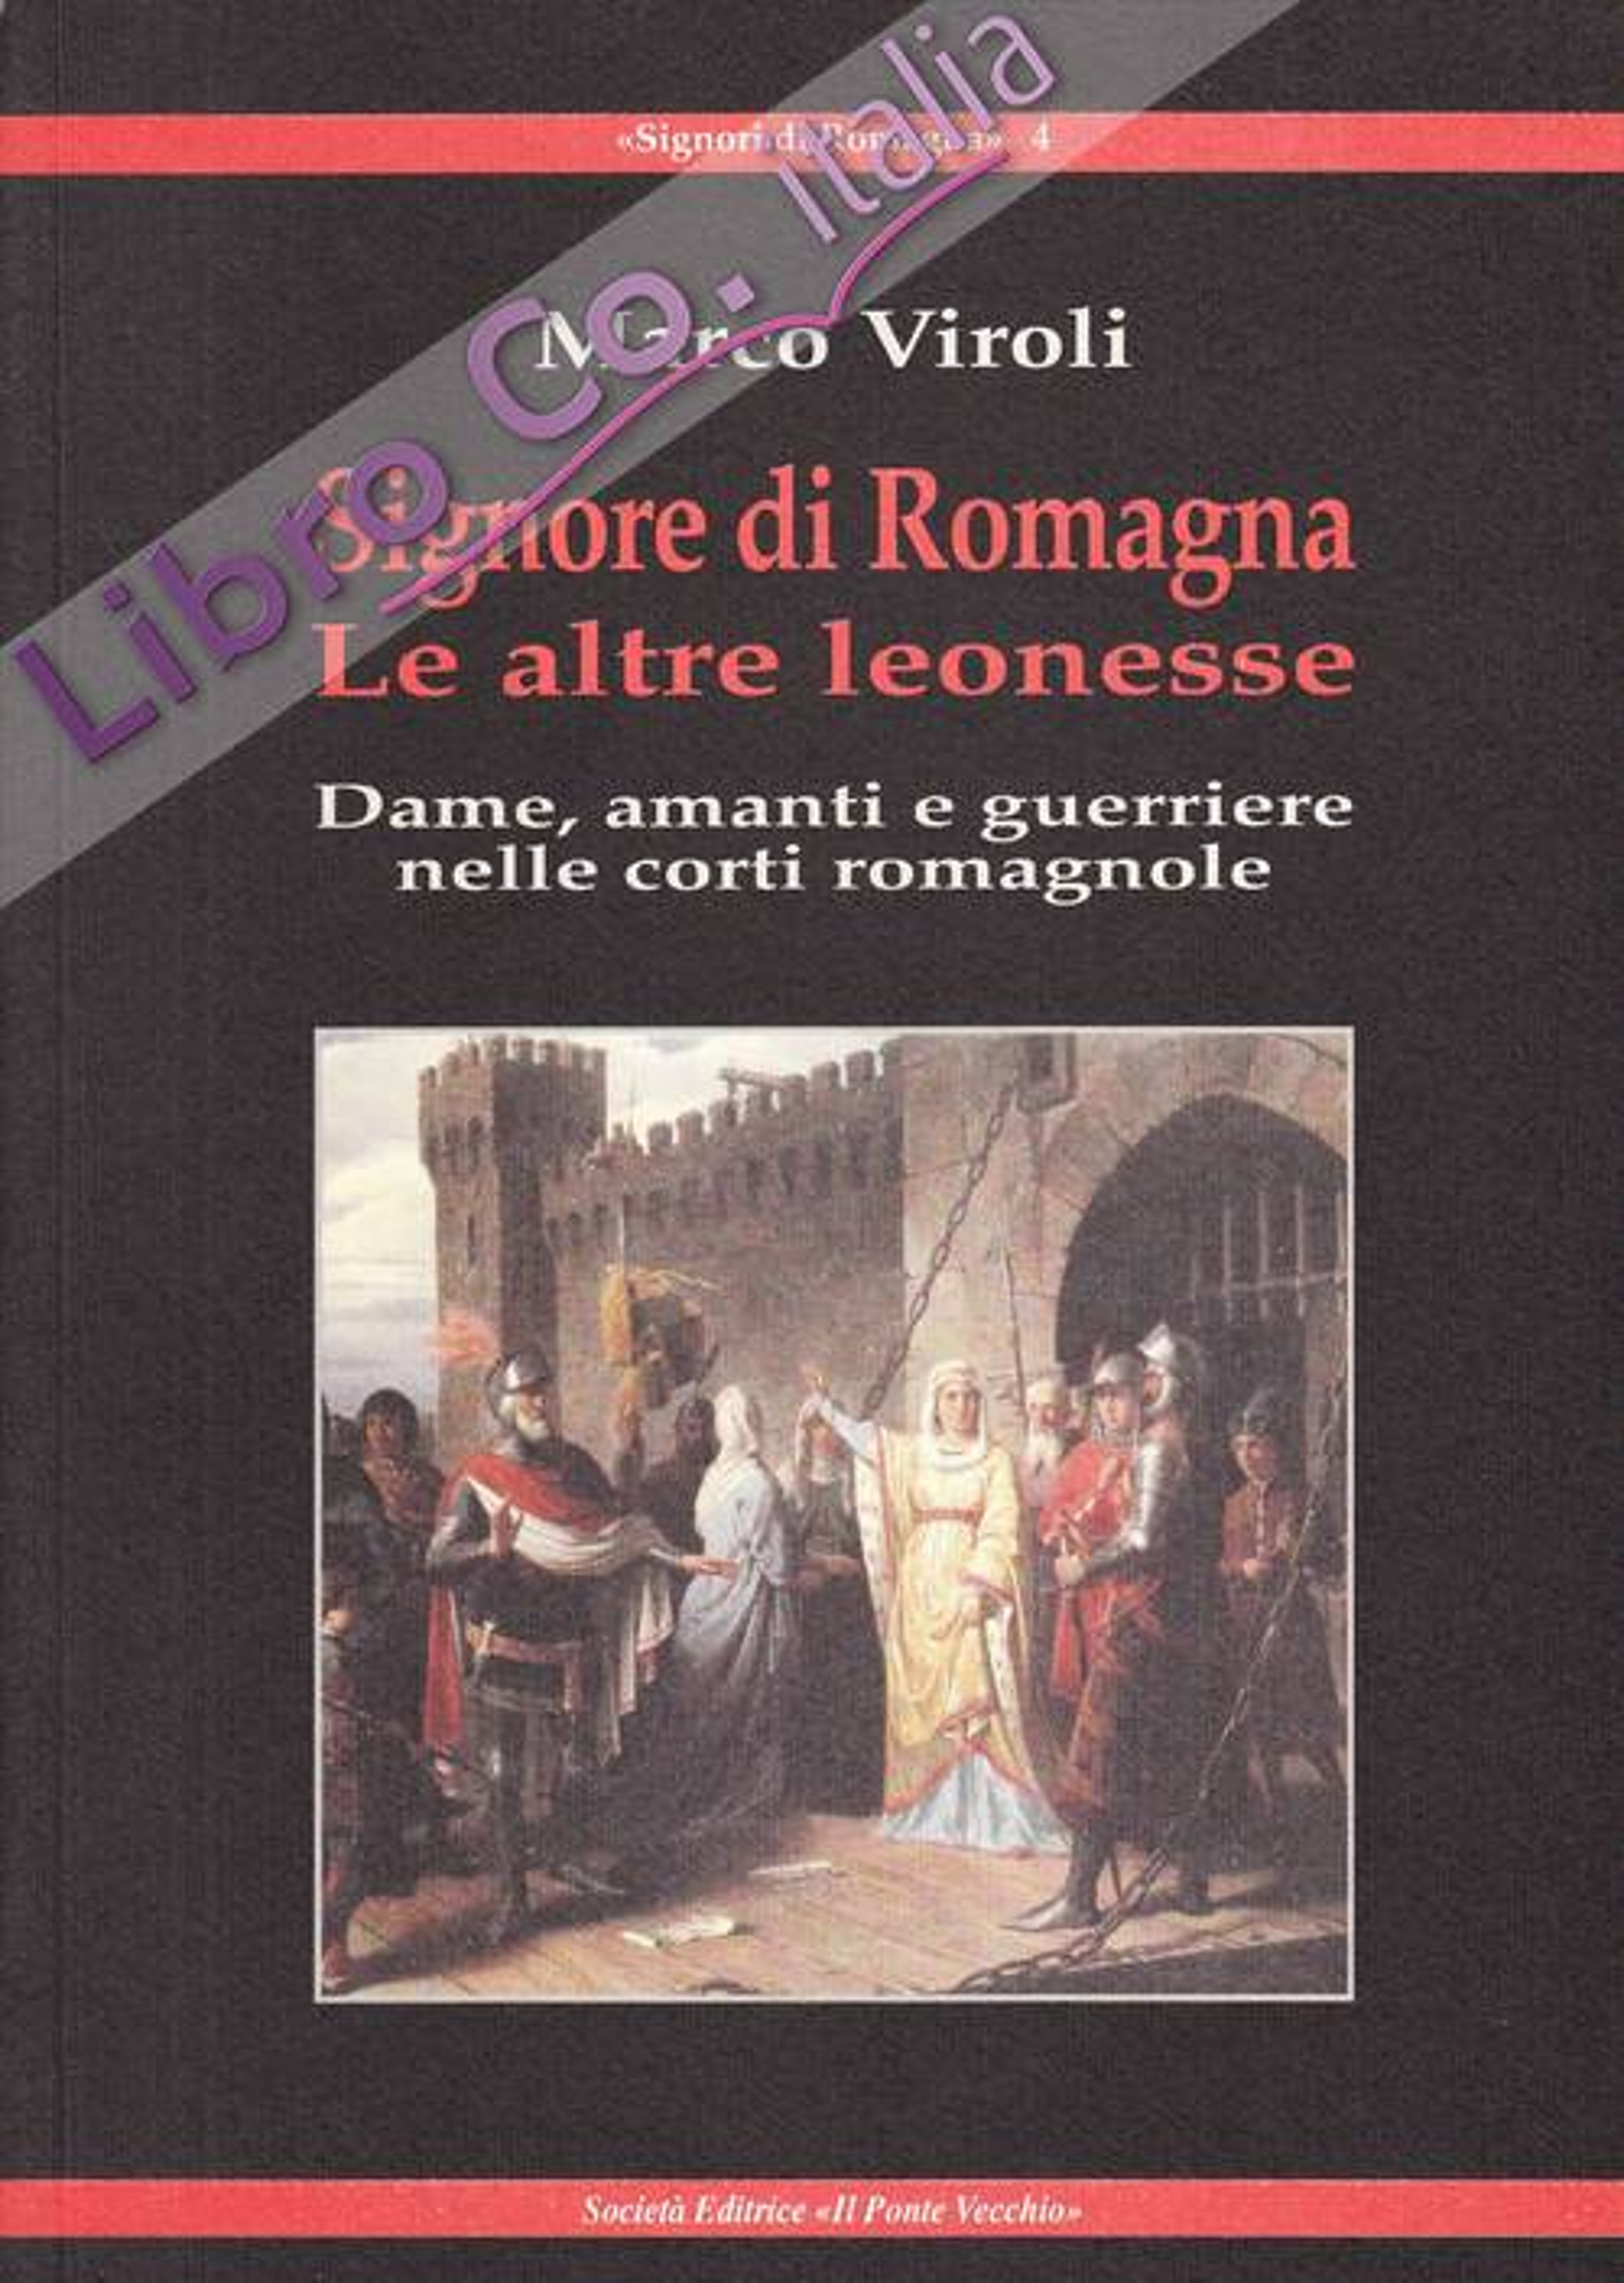 Signore di Romagna. Le altre leonesse. Dame, amanti e guerrieri nelle corti romagnole.